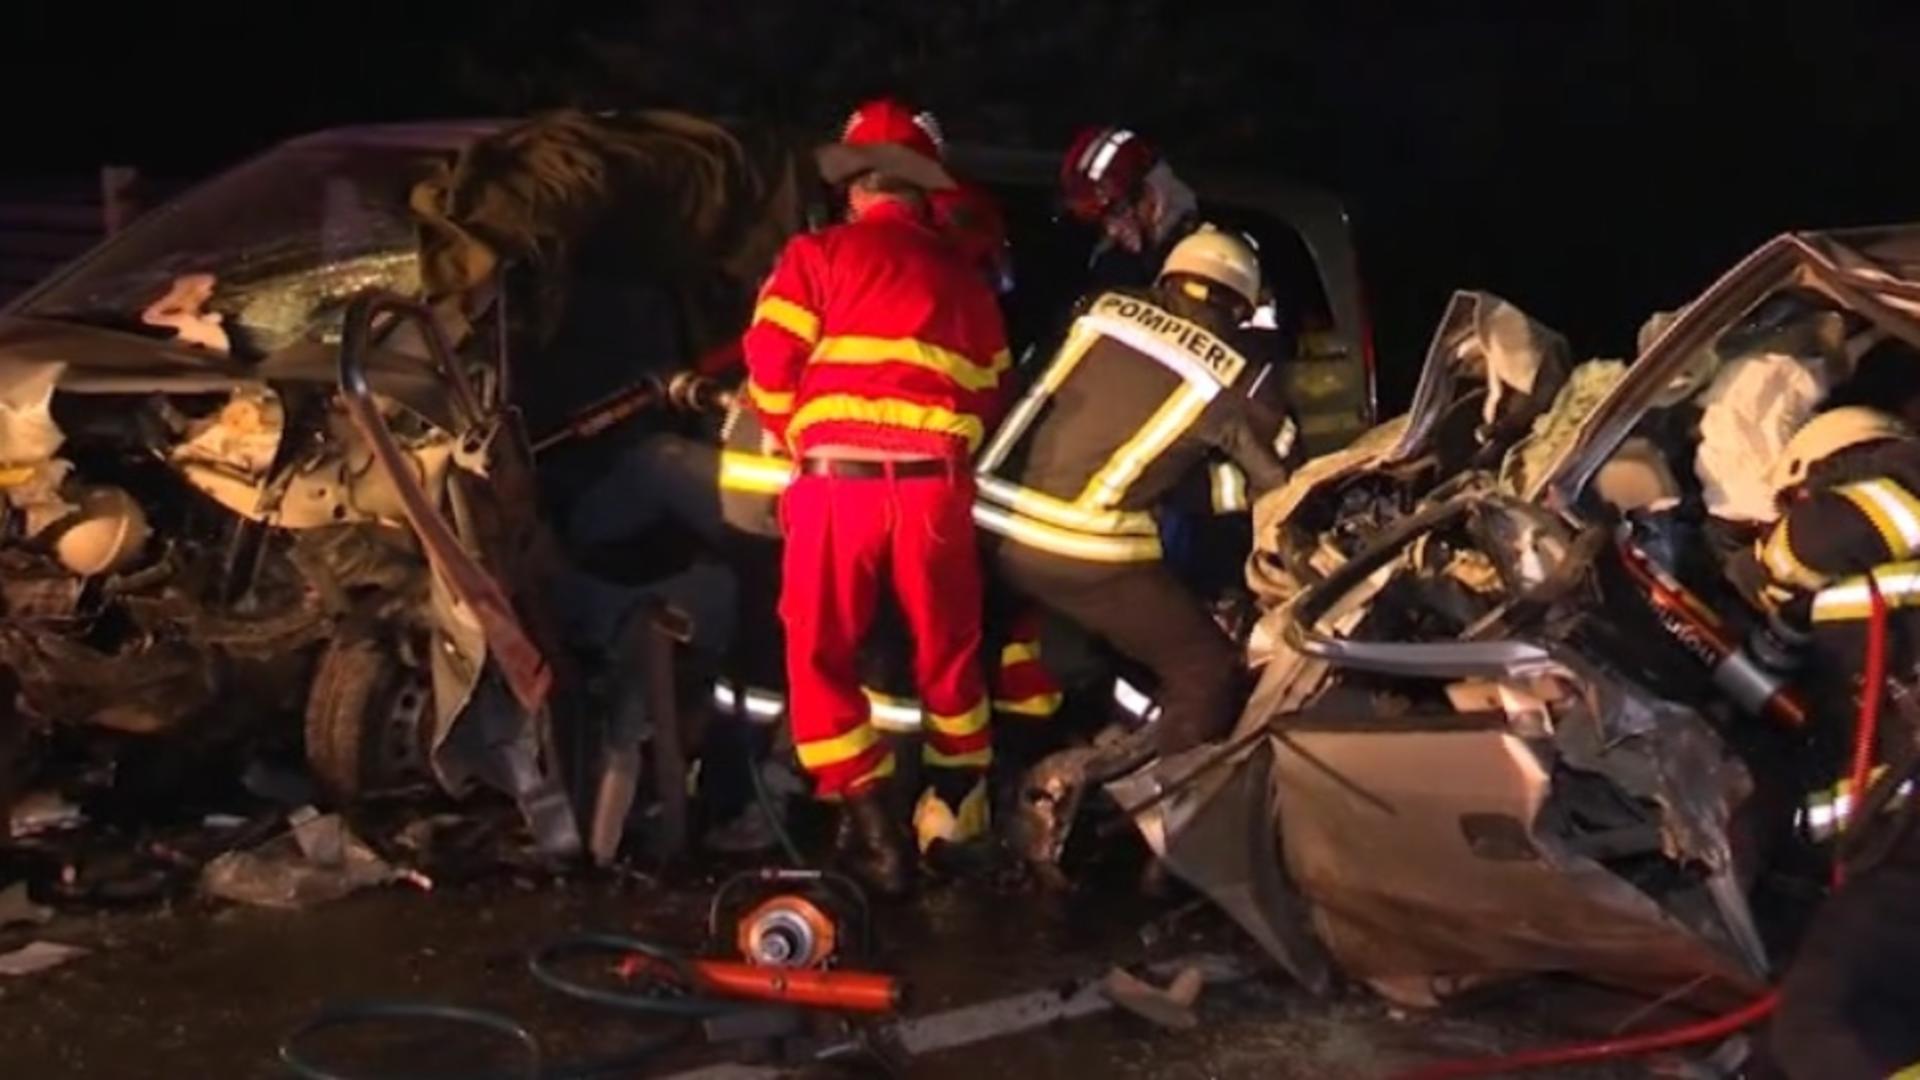 Trei persoane au ajuns la spital, după ce două maşini s-au ciocnit frontal